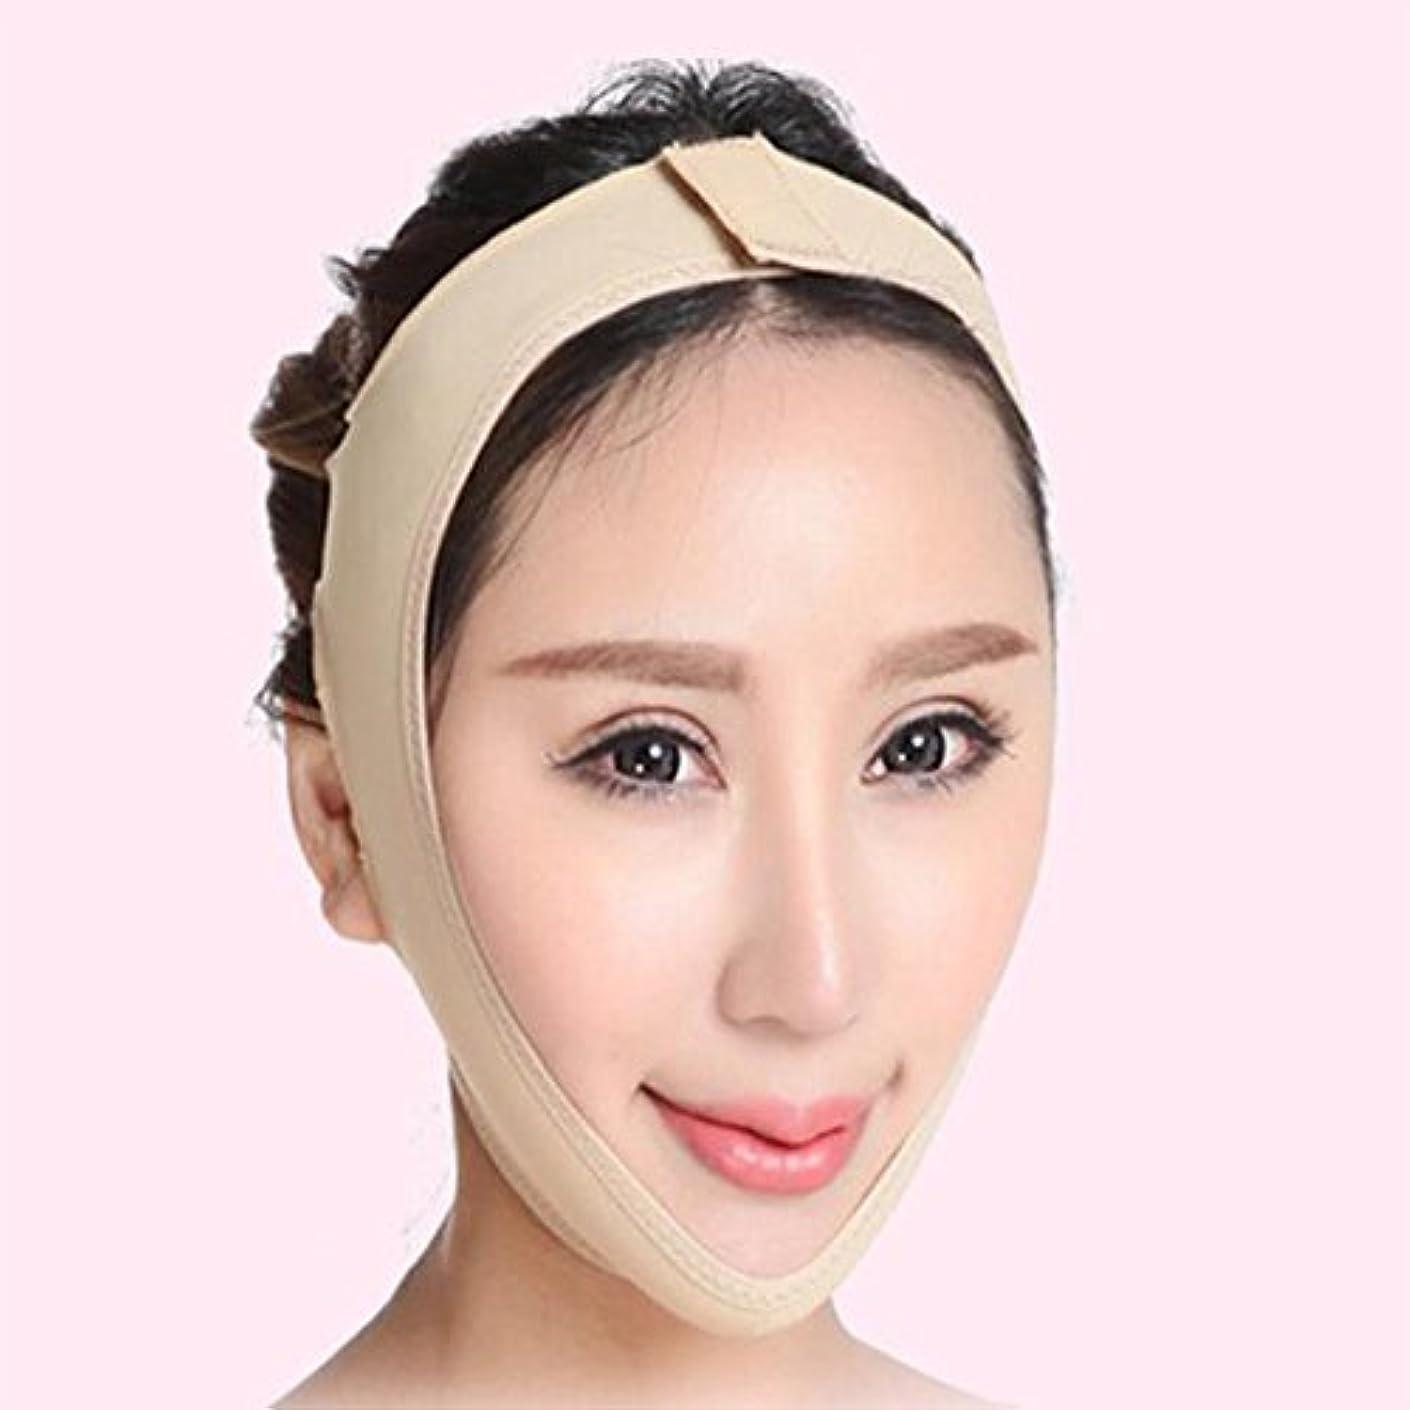 ミシン酸度かるSD 小顔 小顔マスク リフトアップ マスク フェイスライン 矯正 あご シャープ メンズ レディース Lサイズ AZD15003-L